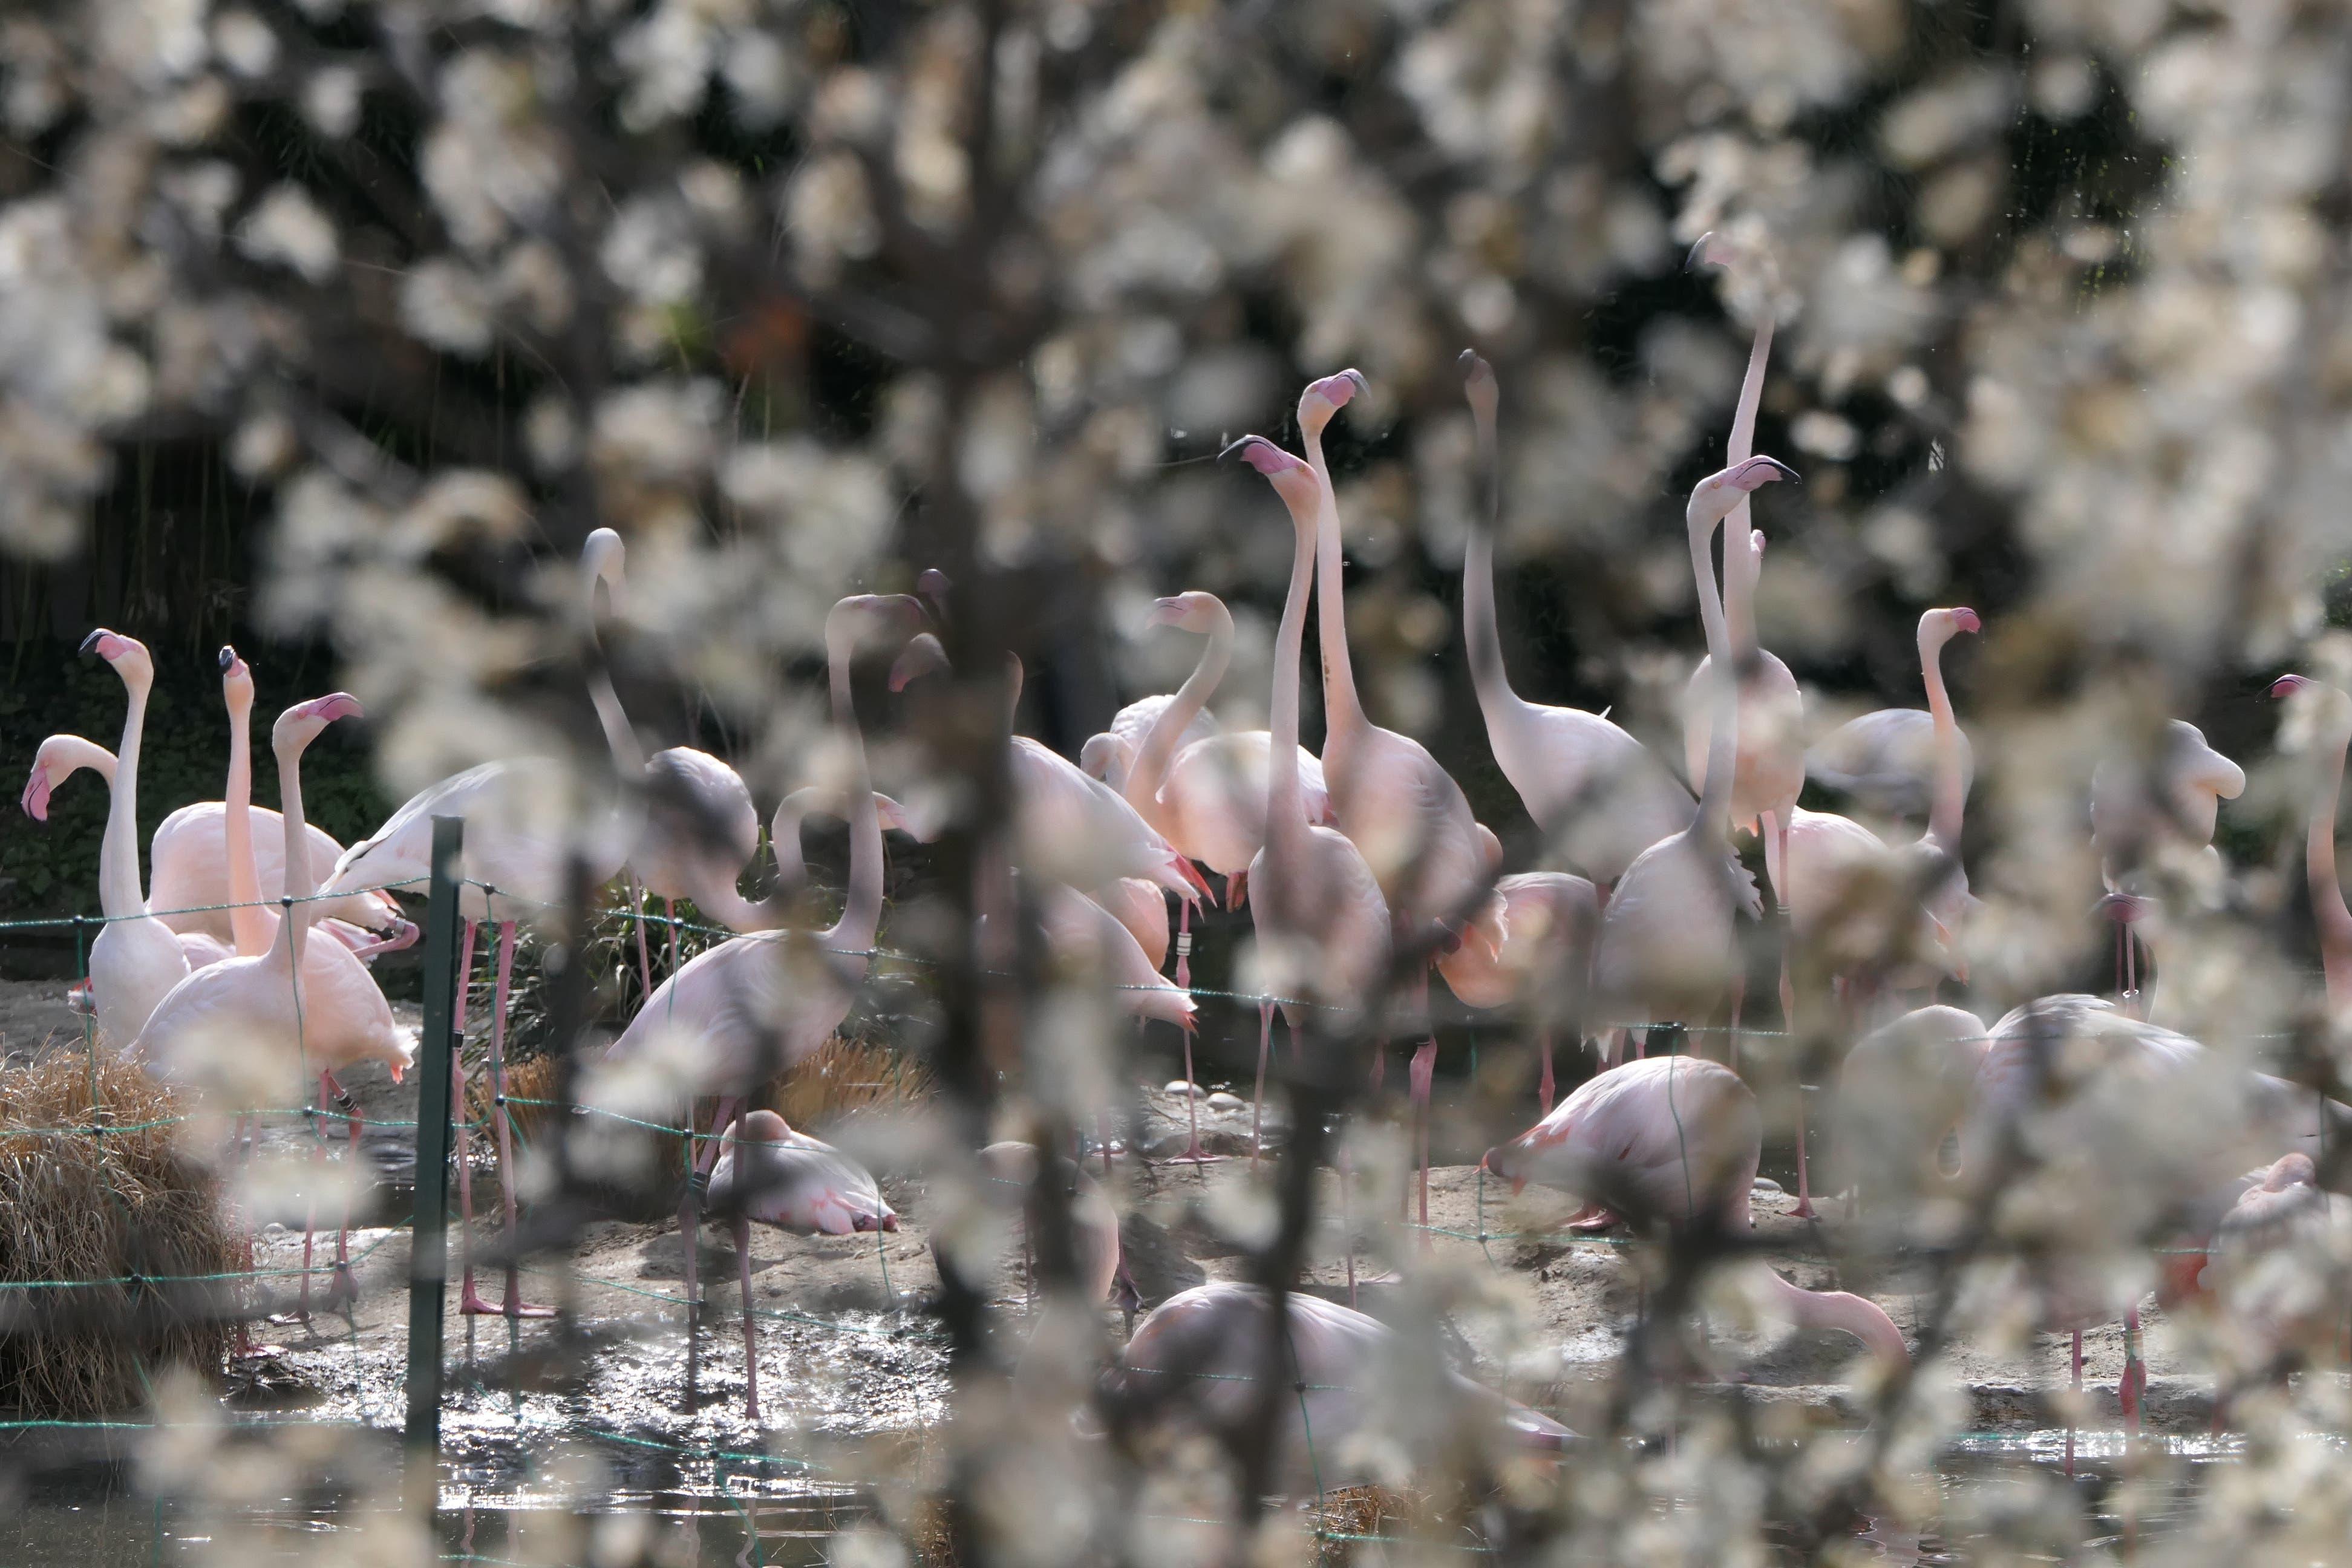 Die Flamingos im Zoo Basel bei frühlingshaftem Wetter.